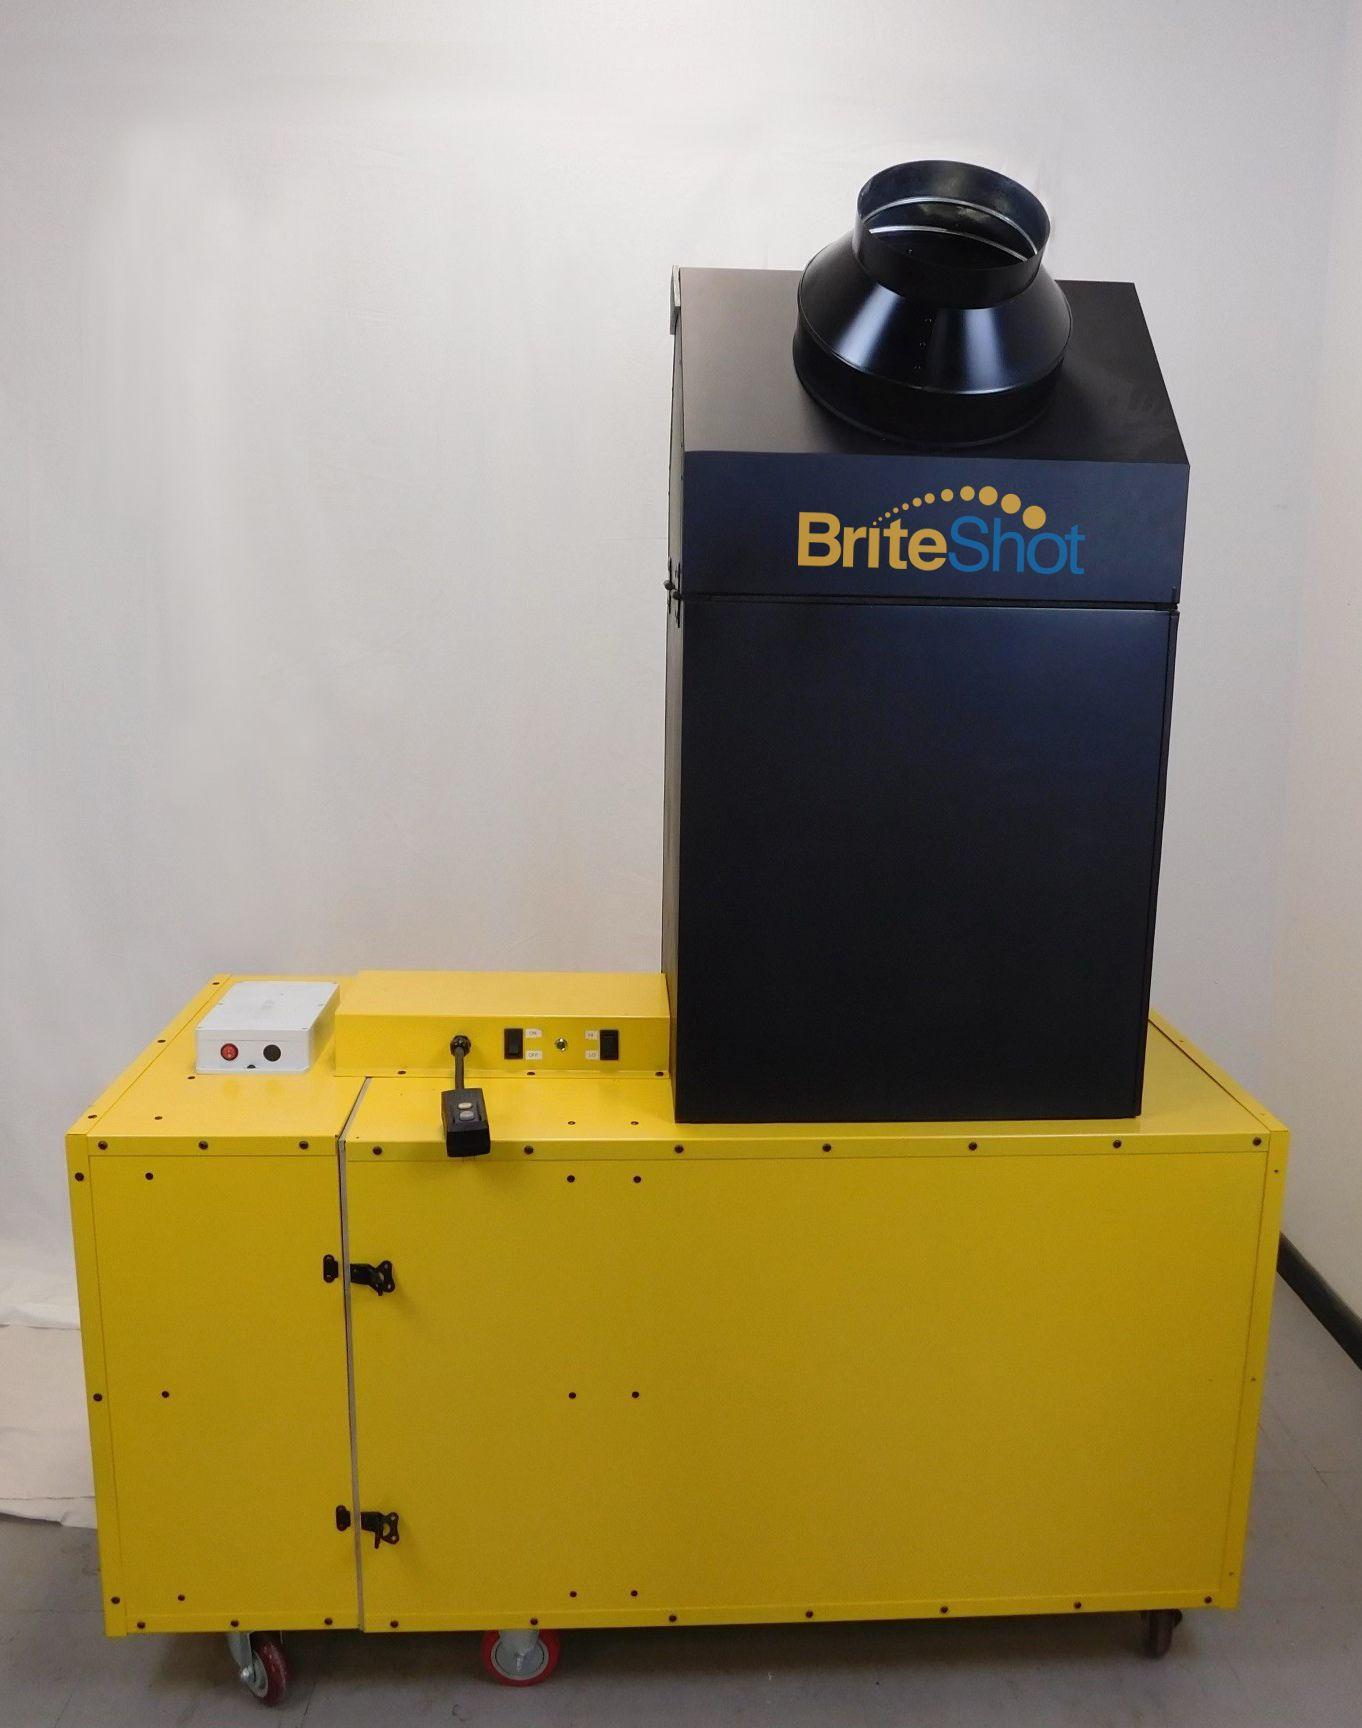 BriteShot Announces COVID-19 Decontamination Products